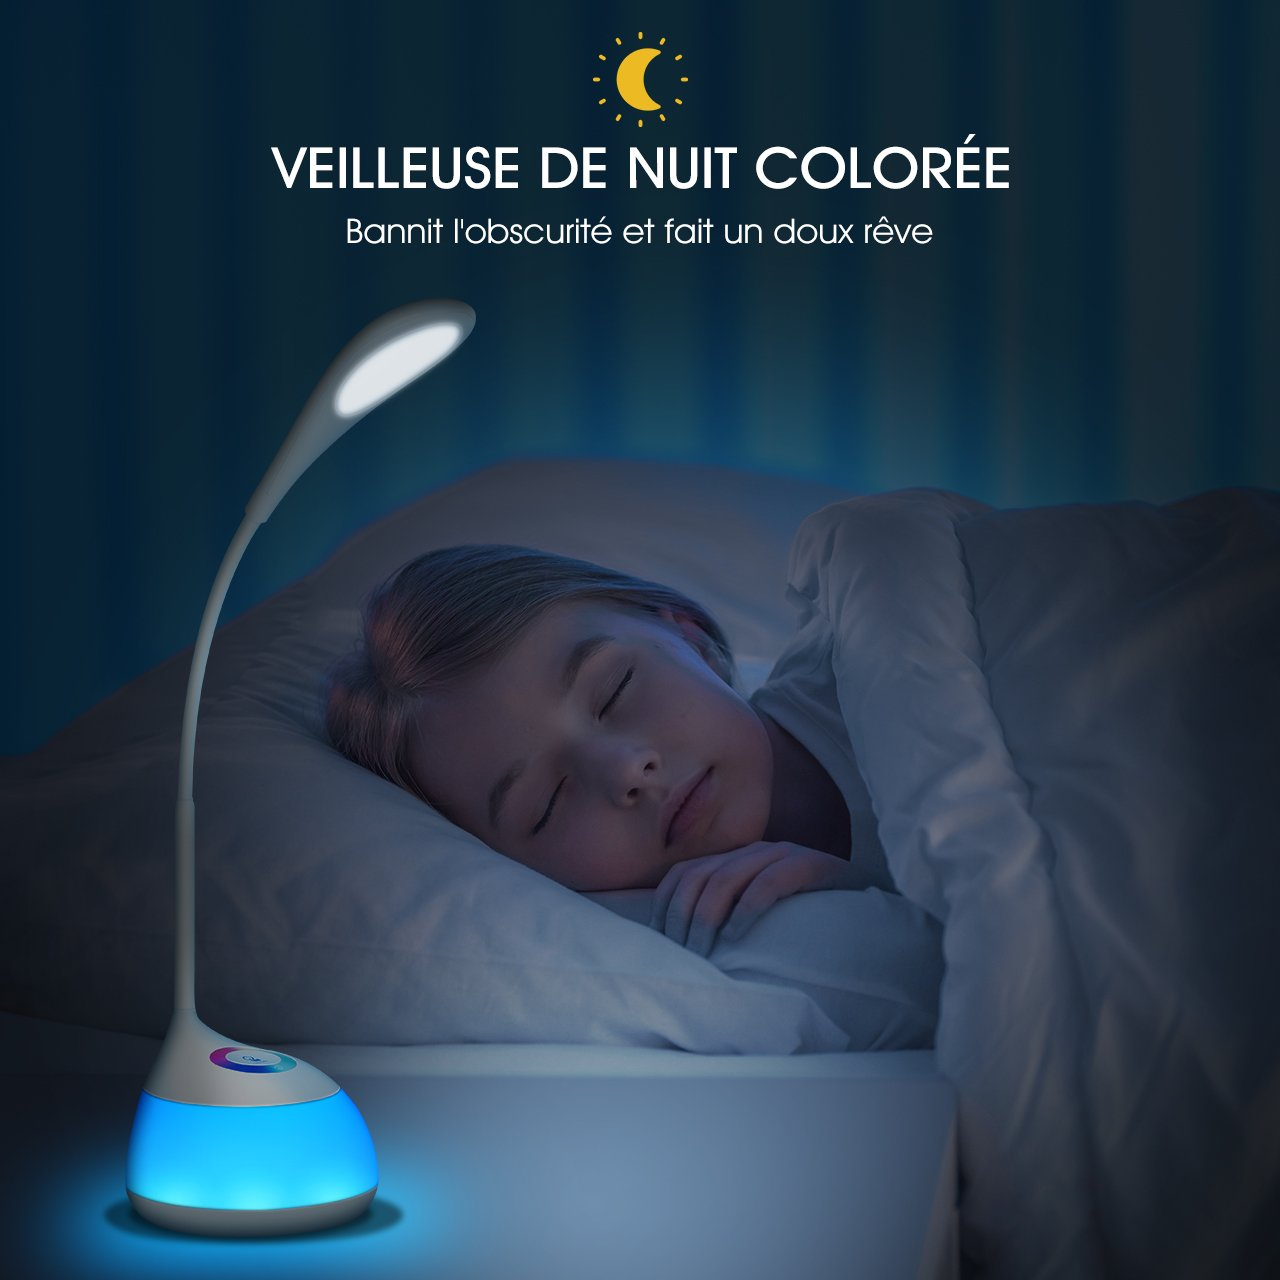 Atmosph/ère 3 Niveaux de Luminosit/é 【2 en 1】 TOPELEK Lampe de Bureau 16 LED Veilleuse Enfant Tactile RGB 256 Couleurs R/églables Lampe de Chevet et Cadeau Enfant pour Chambre de B/éb/é Cou Flexible